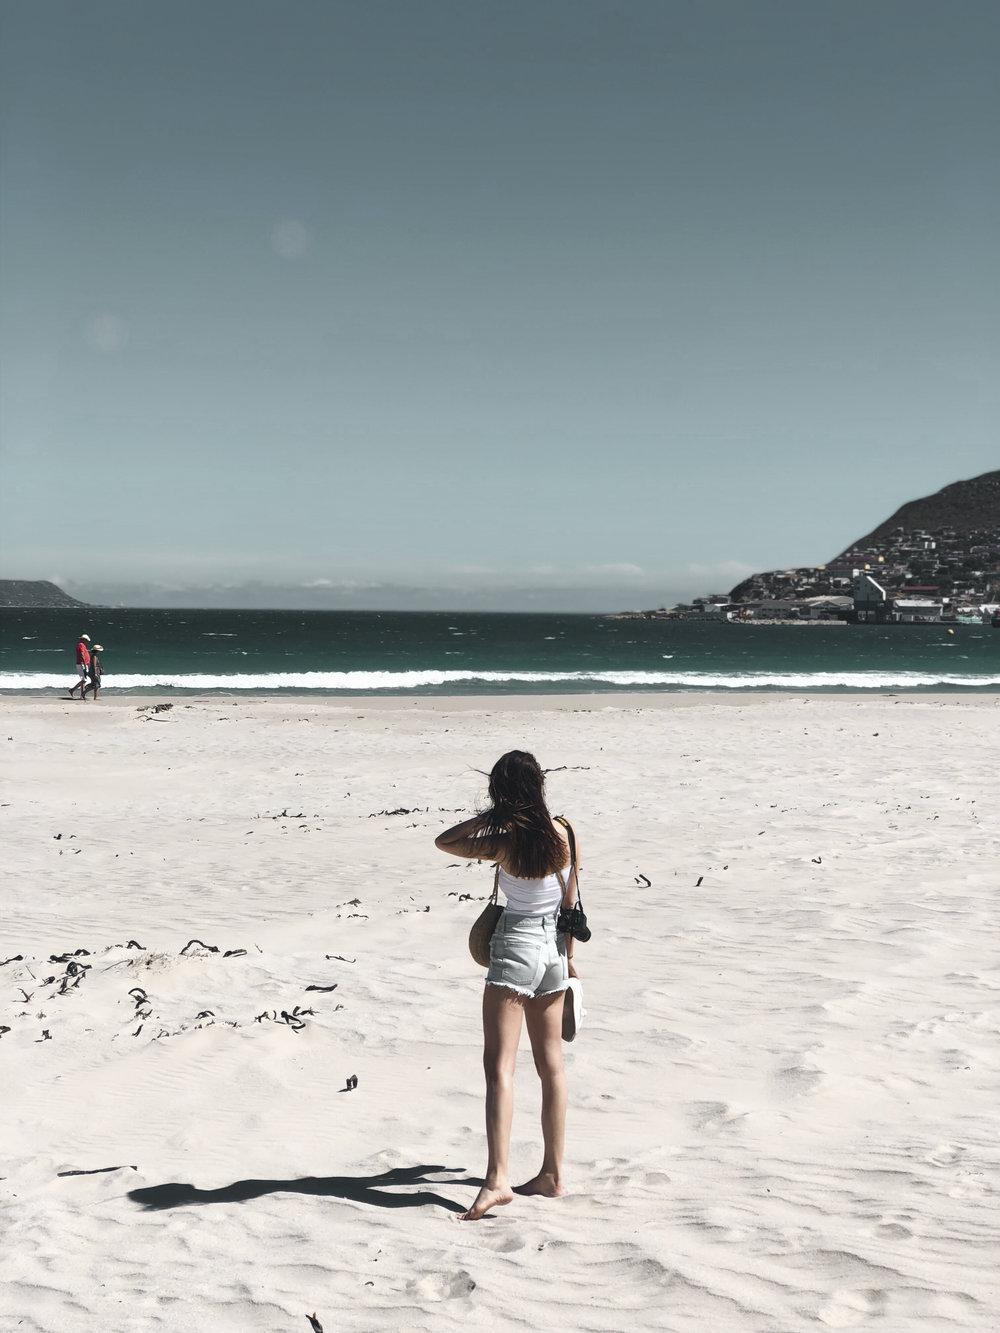 ein magischer fischerort - Der kleine Fischereiort Hout Bay mit seiner gleichnamigen Bucht ist im Osten umgeben vom Chapman's Peak und im Westen vom Karbonkelberg. An der Bucht war es, wie fast überall in Kapstadt, derart windig, dass wir von der Hitze nichts mitbekamen.